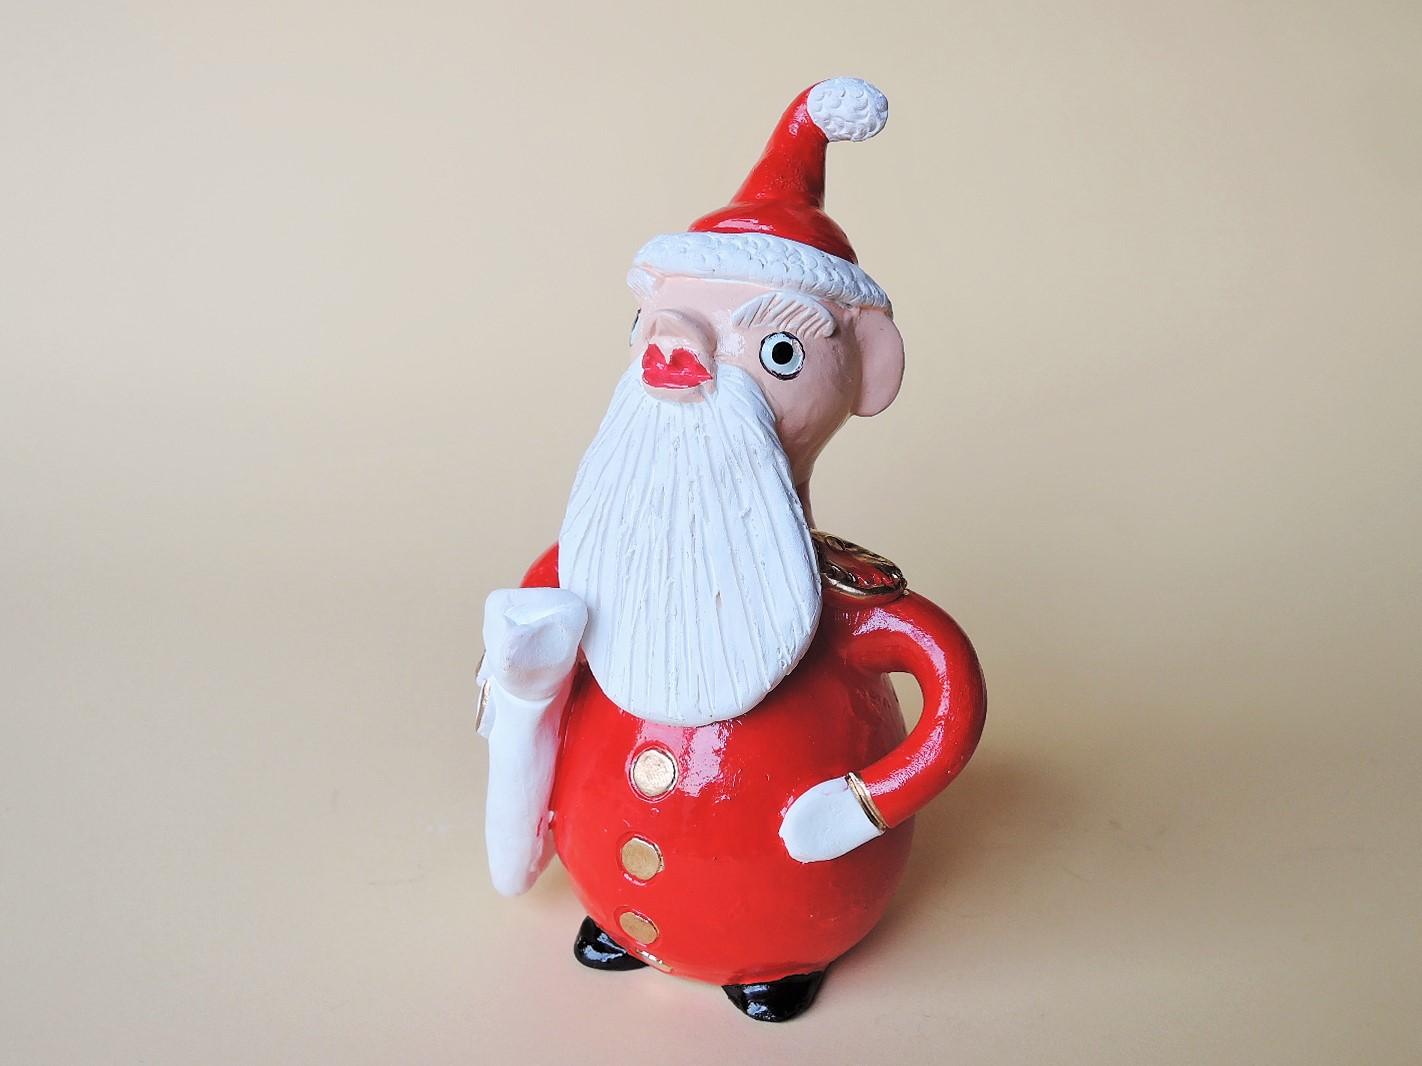 ポルトガルのクリスマス サンタクロースの陶人形 Prazeres Cota作品